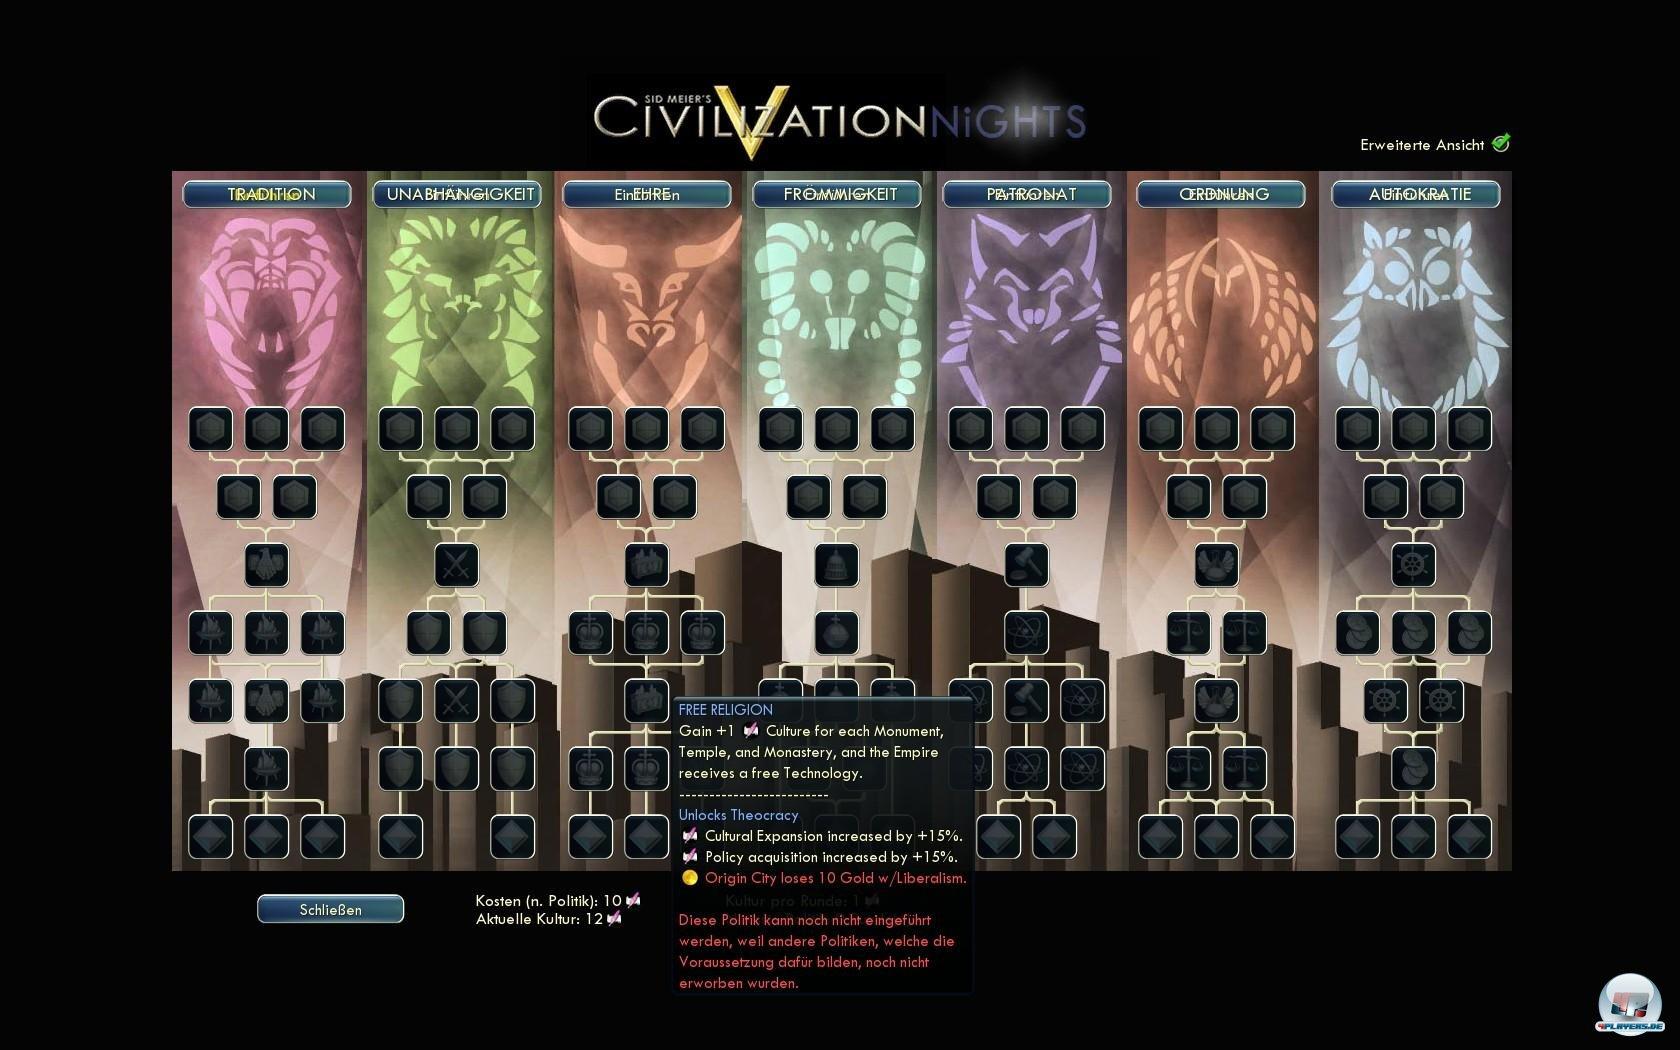 Anzahl und Effekte der Politiken wurden bei Civilization NiGHTS deutlich ausgebaut.